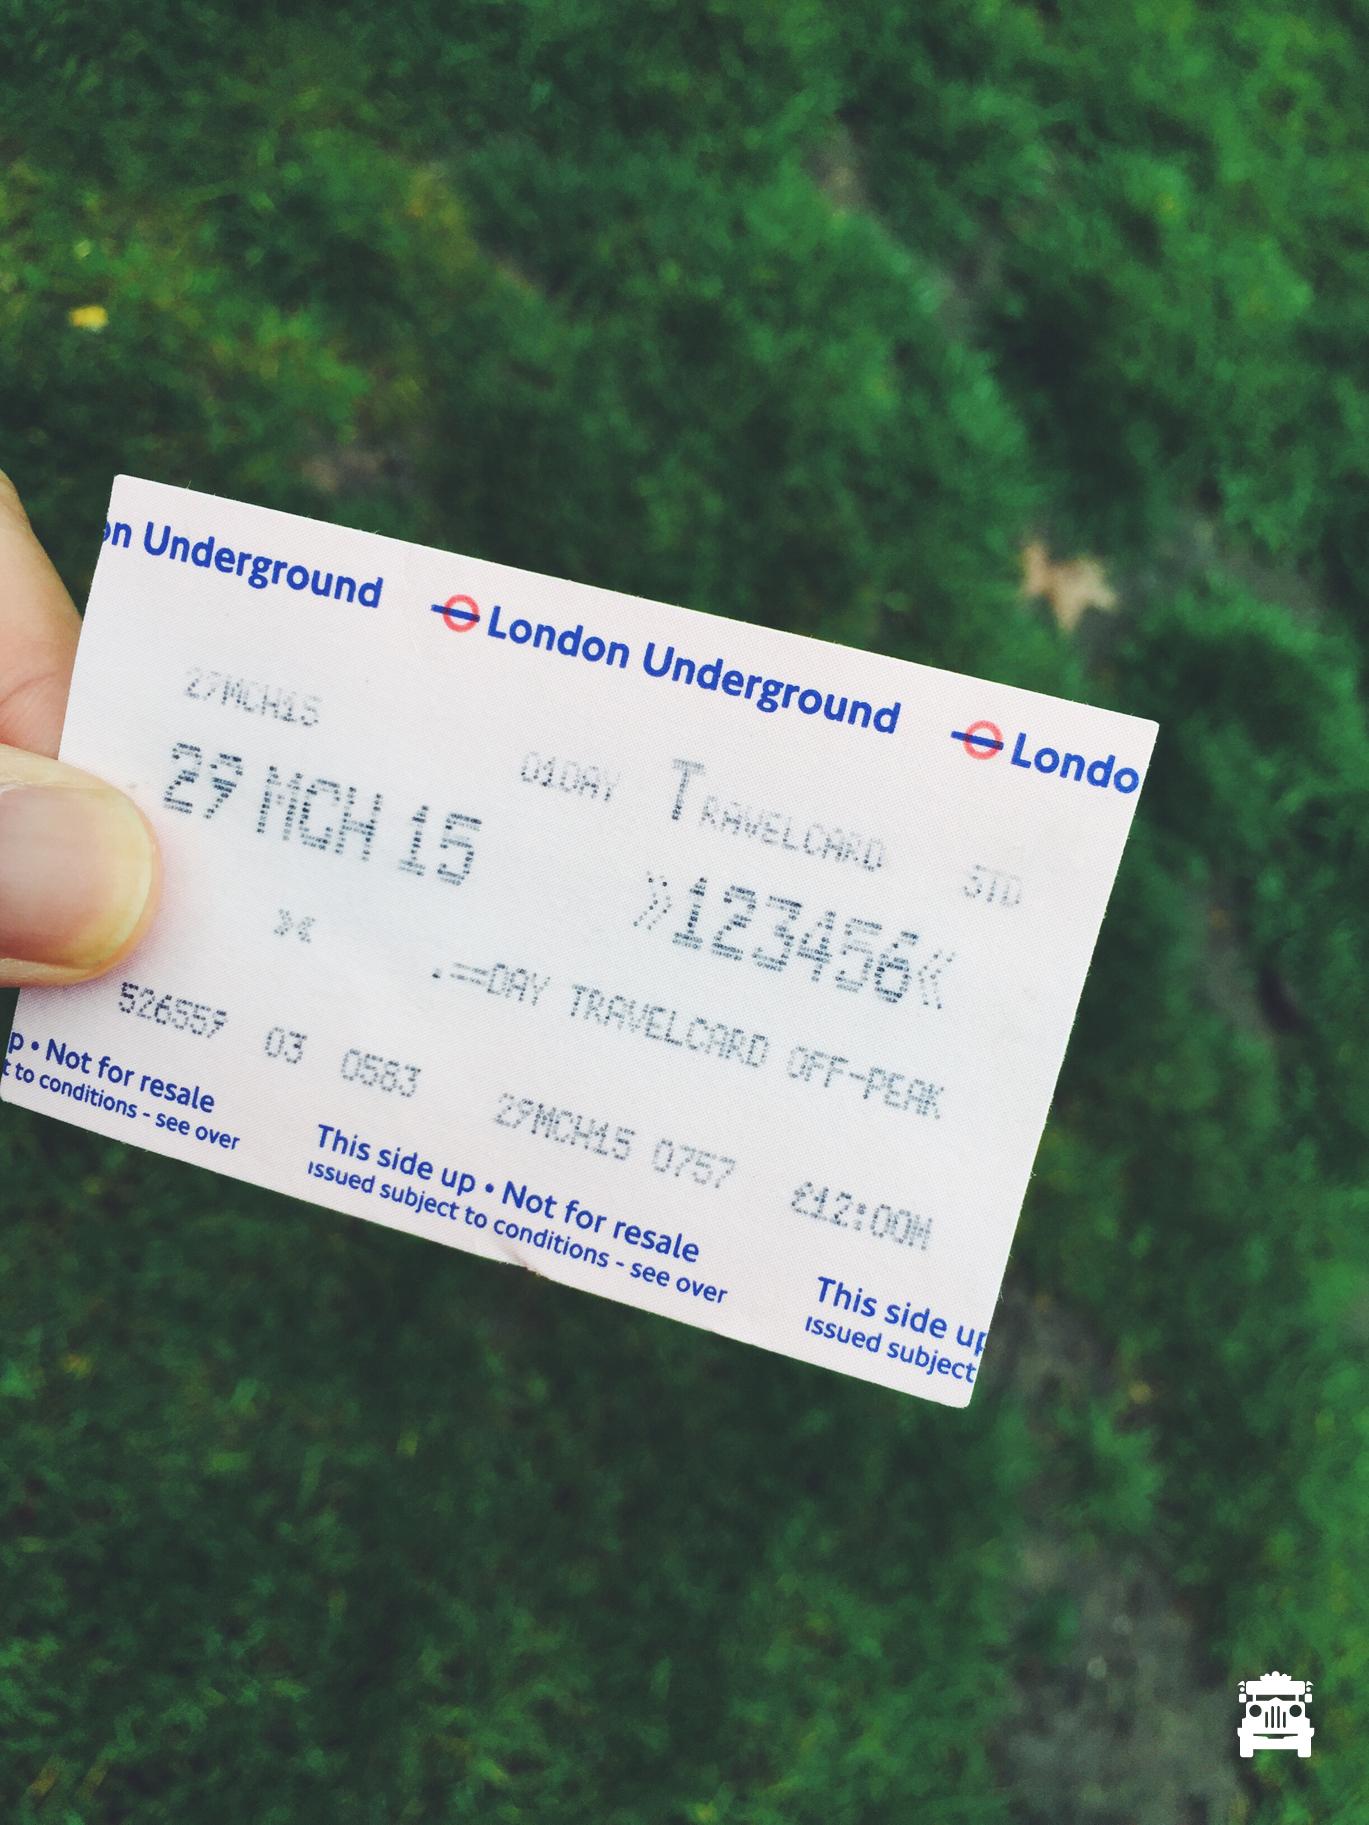 Found my lost ticket!